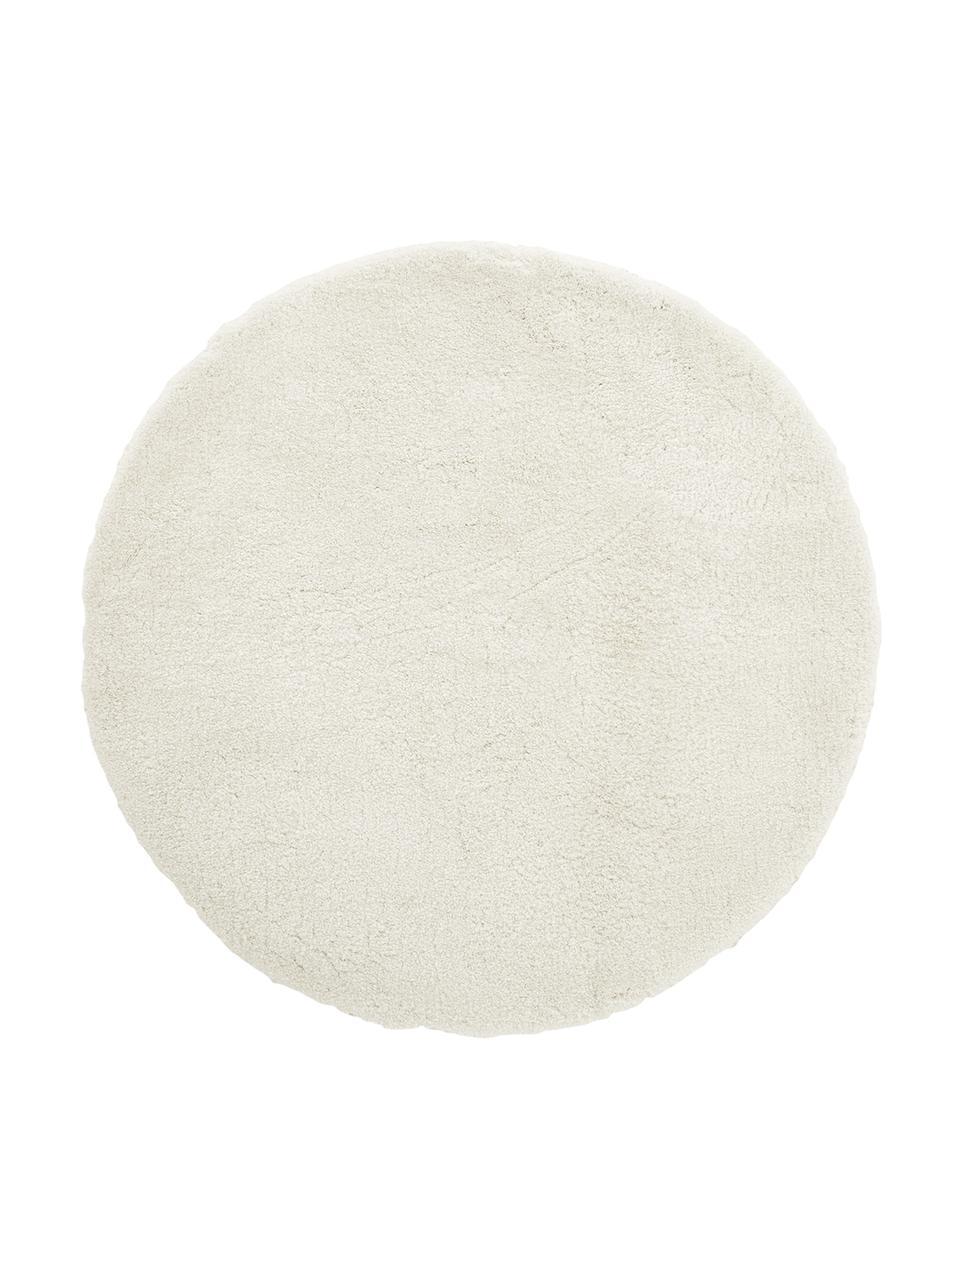 Tapis rond épais et moelleux Leighton, Crème